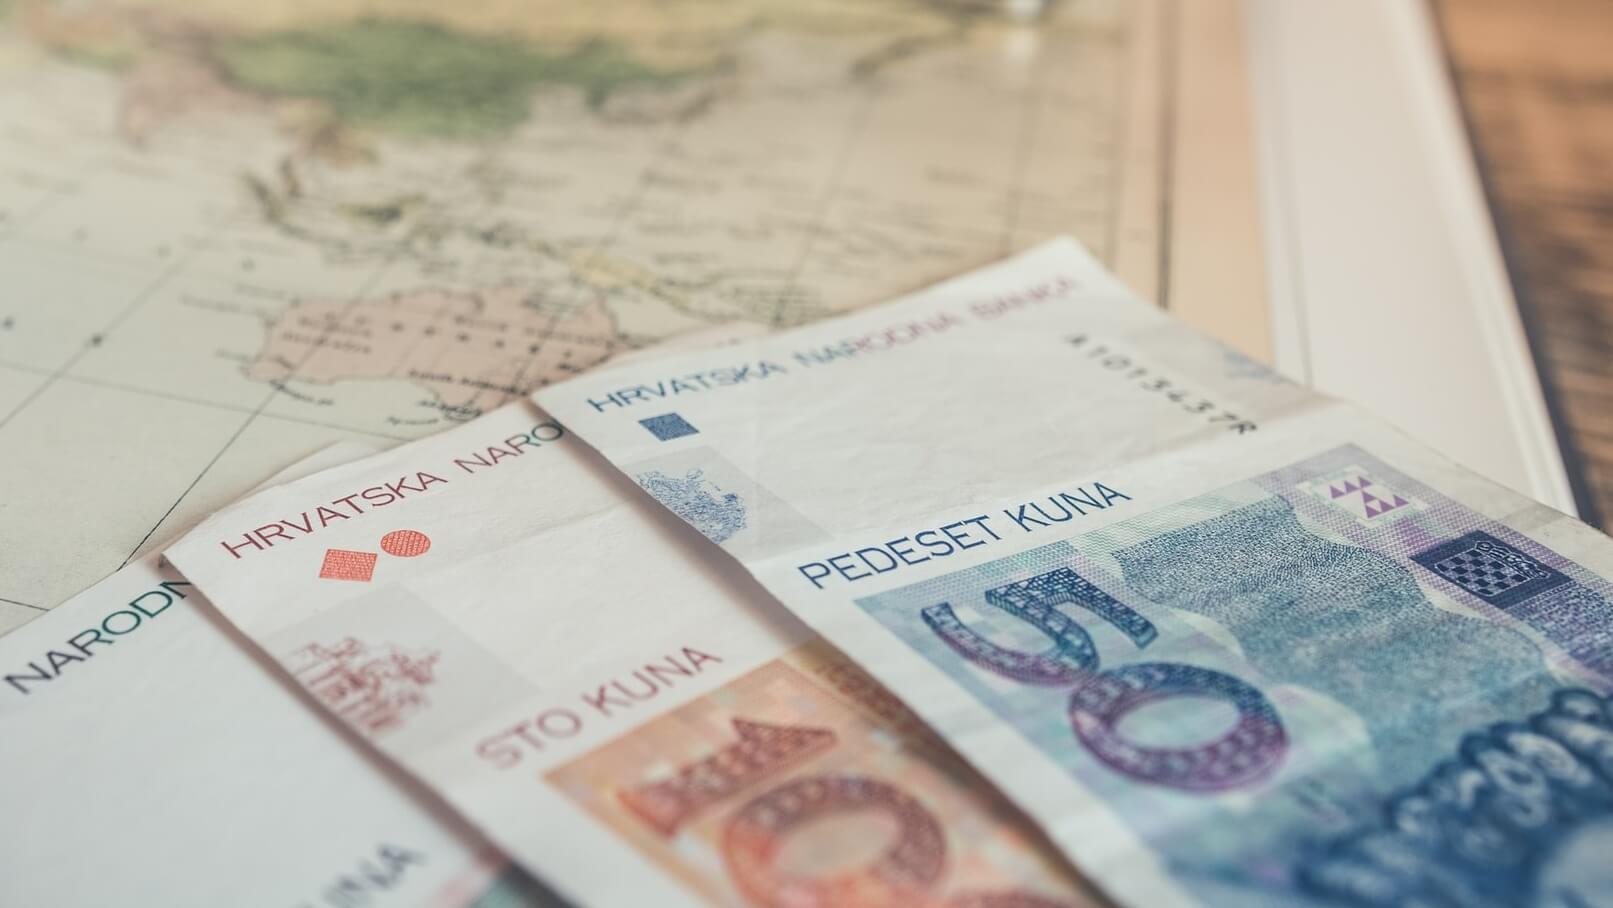 Hrvatski grad dodjeljuje džeparac svim učenicima, ovih dana dobivaju po 200 kn